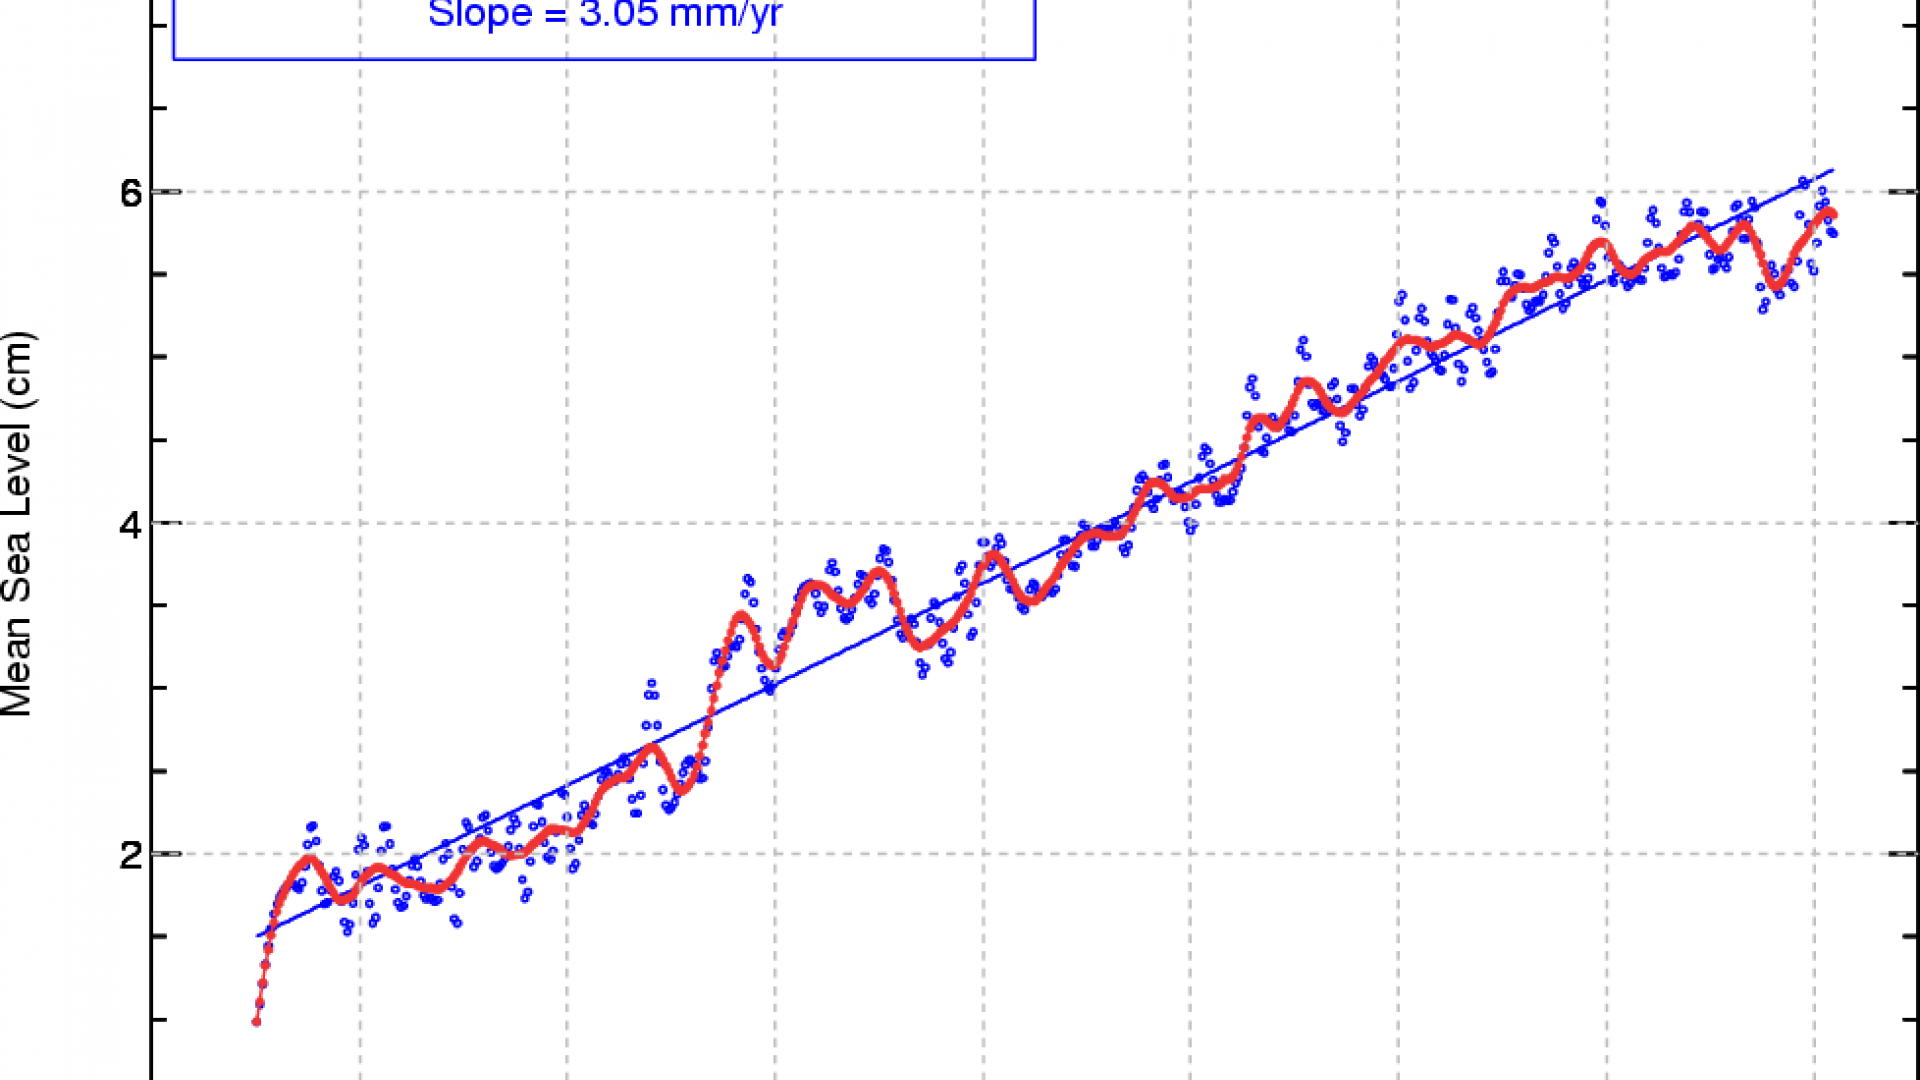 Altimeters monitor sea level rise